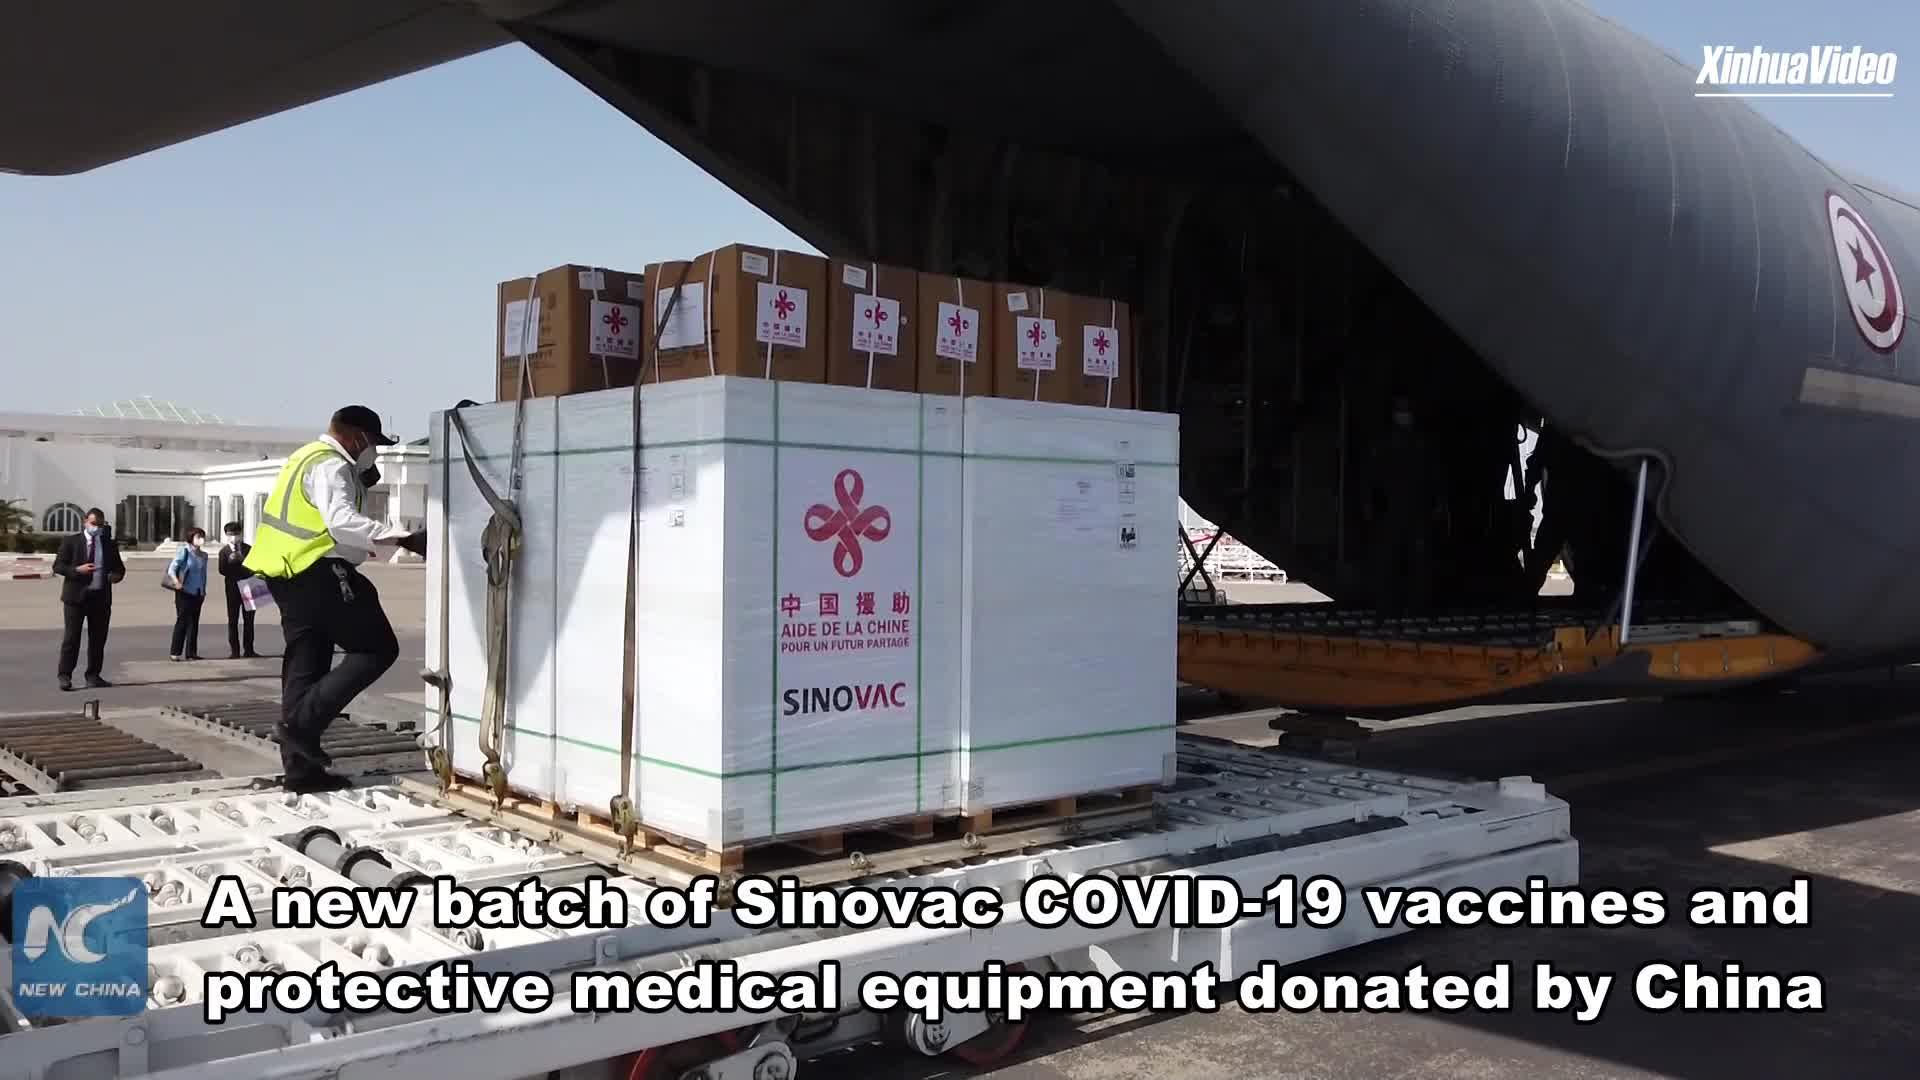 Партия пожертвованных Китаем вакцин от COVID-19 и медицинского защитного оборудования доставлена в Тунис